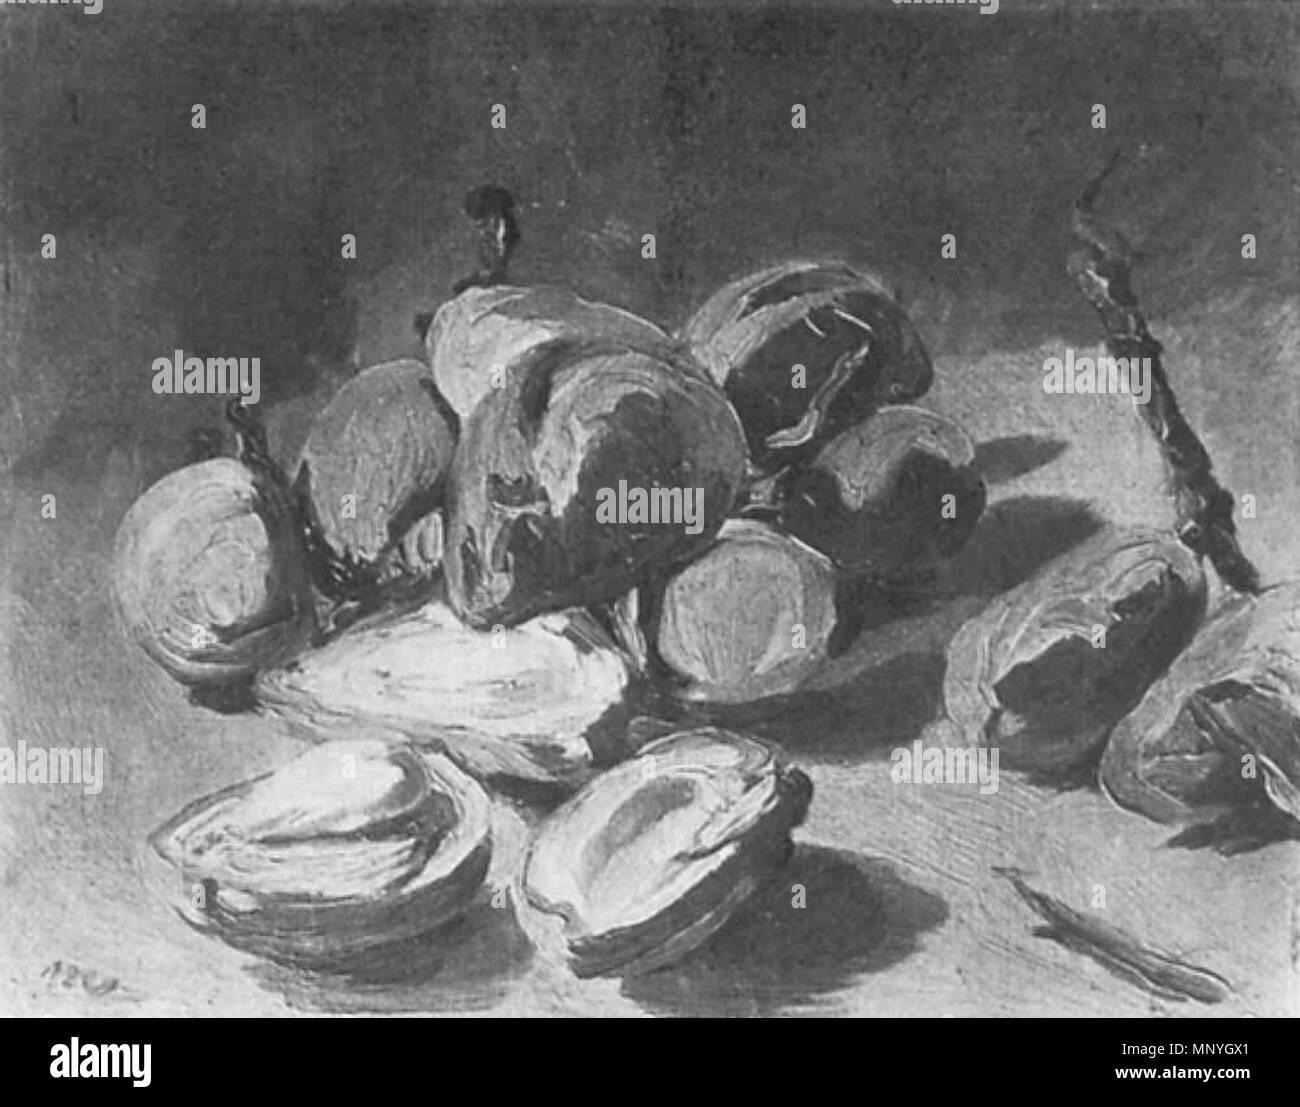 1289 Édouard Manet - Nature morte, amandes vertes (RW 142) - Stock Image